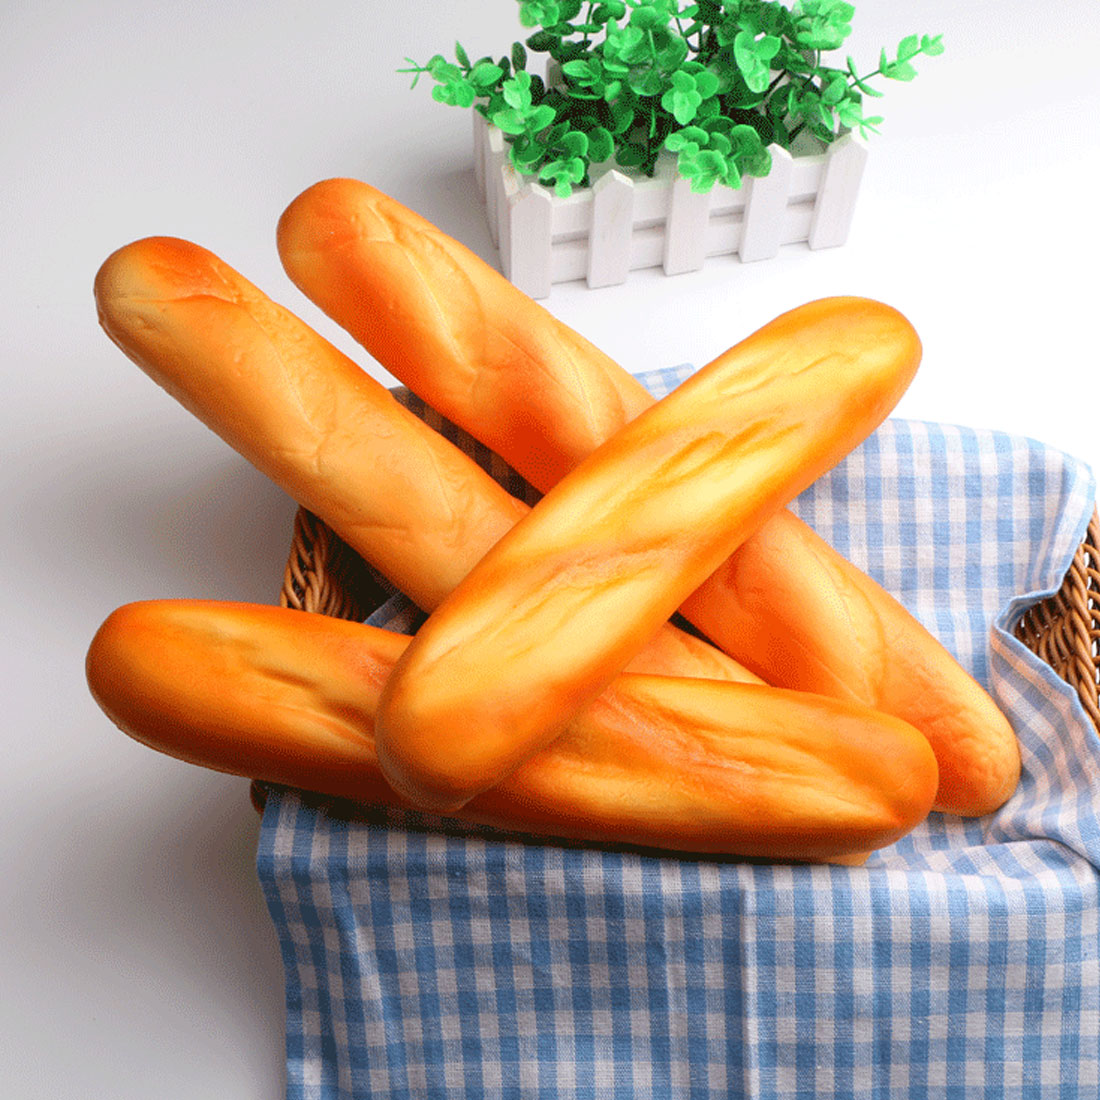 Etmakit de alta calidad Diseño de barra de pan francés Kawaii Squishy aumento correas del teléfono lindo estrés niños regalo almohada pan pastel pan de juguete